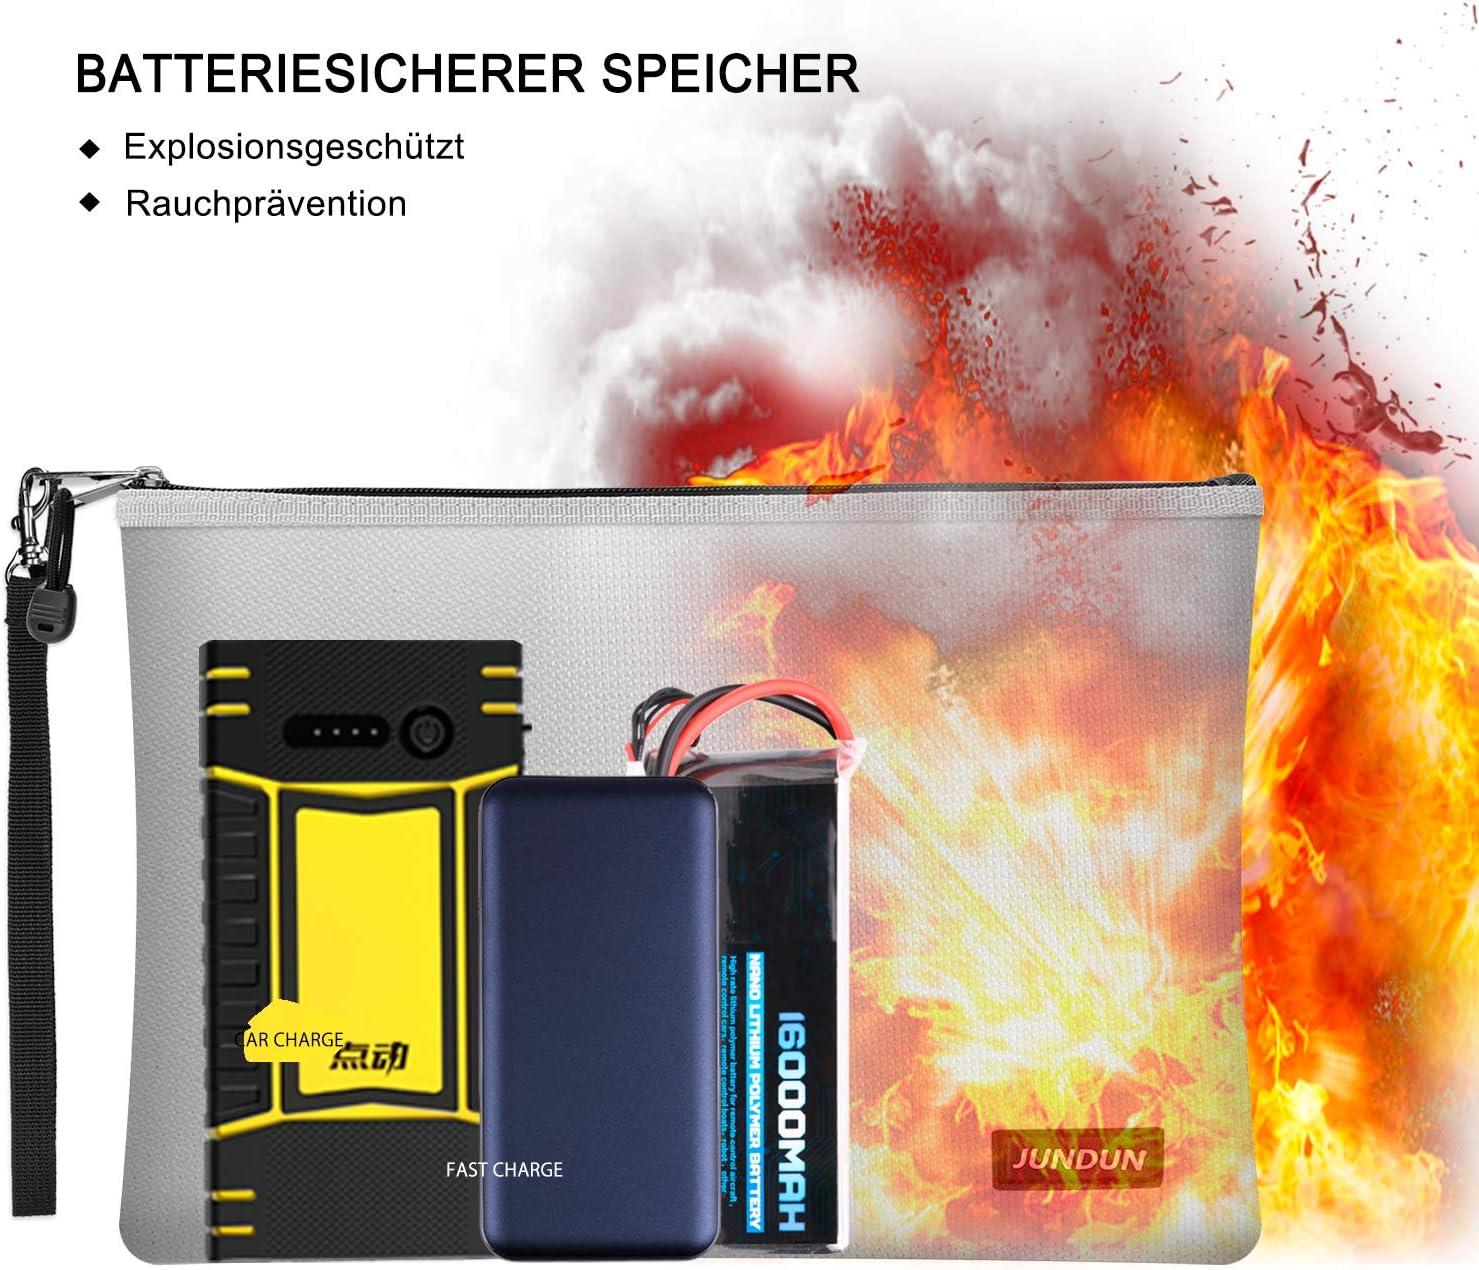 Wasserdichte und Feuerfeste Tasche,2 St/ück Feuerfeste Geldtasche f/ür Dokumente//Geld//Passport//Bankdatei und Bargeld grau JUNDUN Feuerfeste Dokumententasche